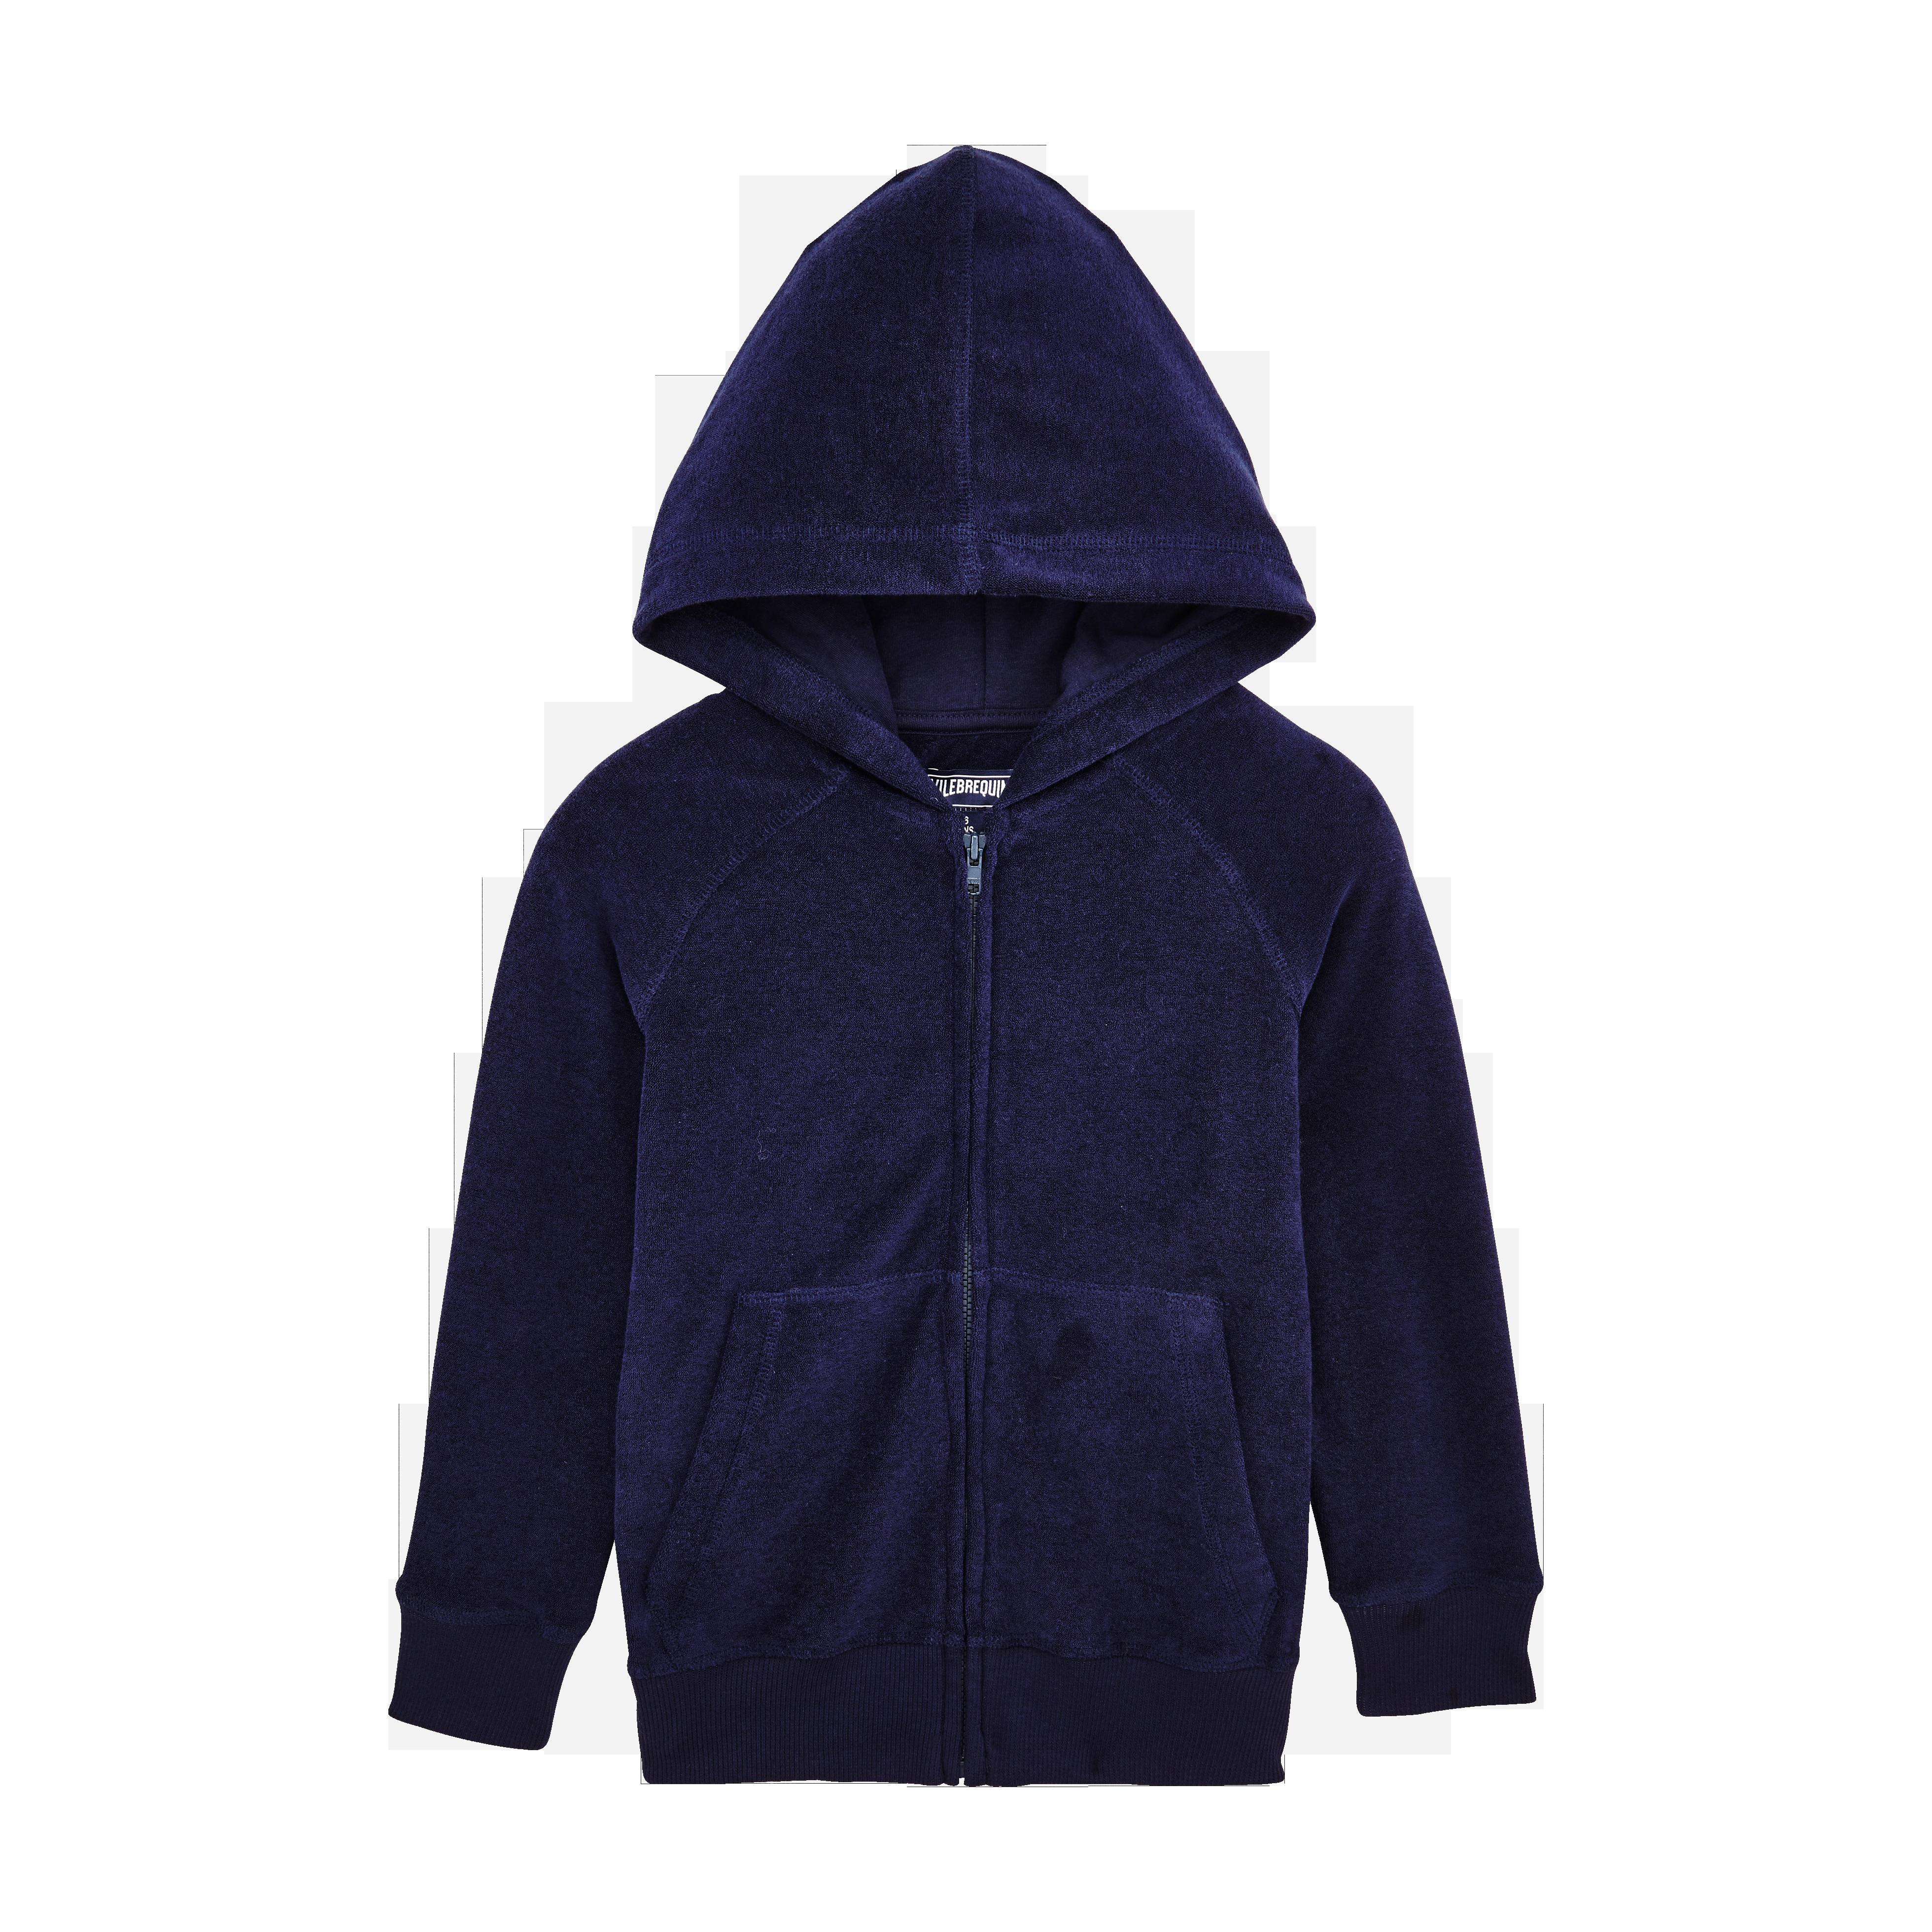 PRET A PORTER GARCON - Sweatshirt à capuche en Eponge Enfant Modernist Fish - SWEAT - RYAN - Bleu -